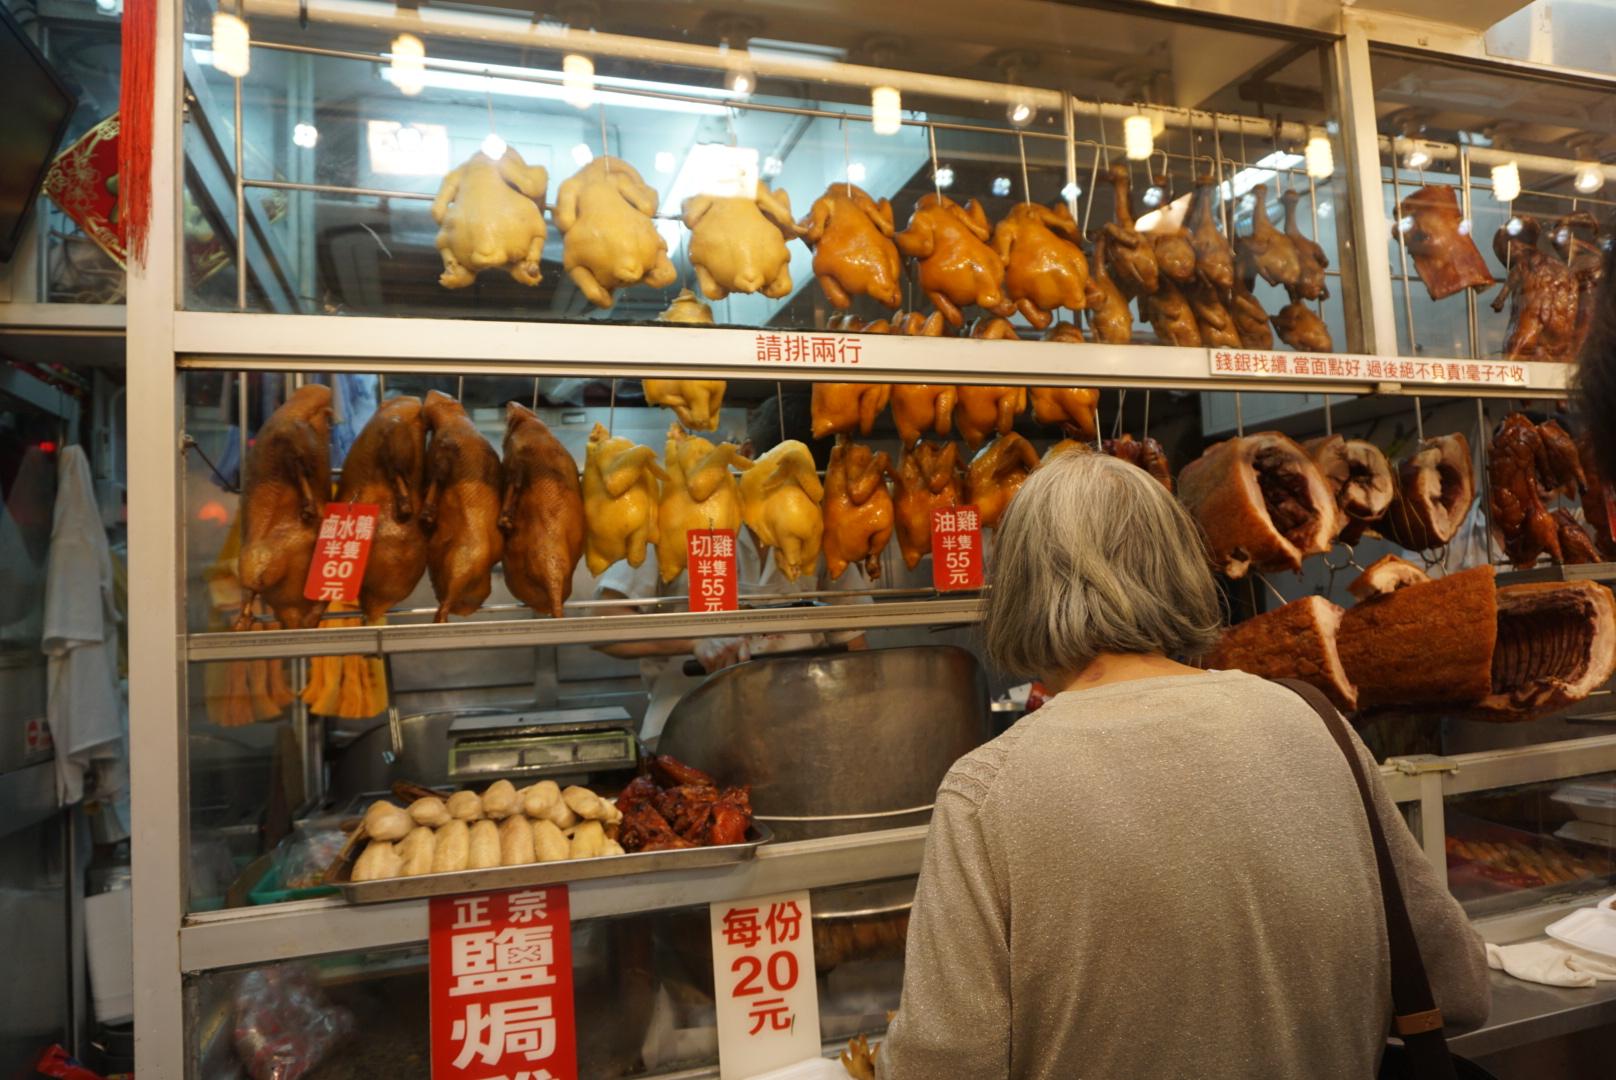 Chinese Food Near Sjsu